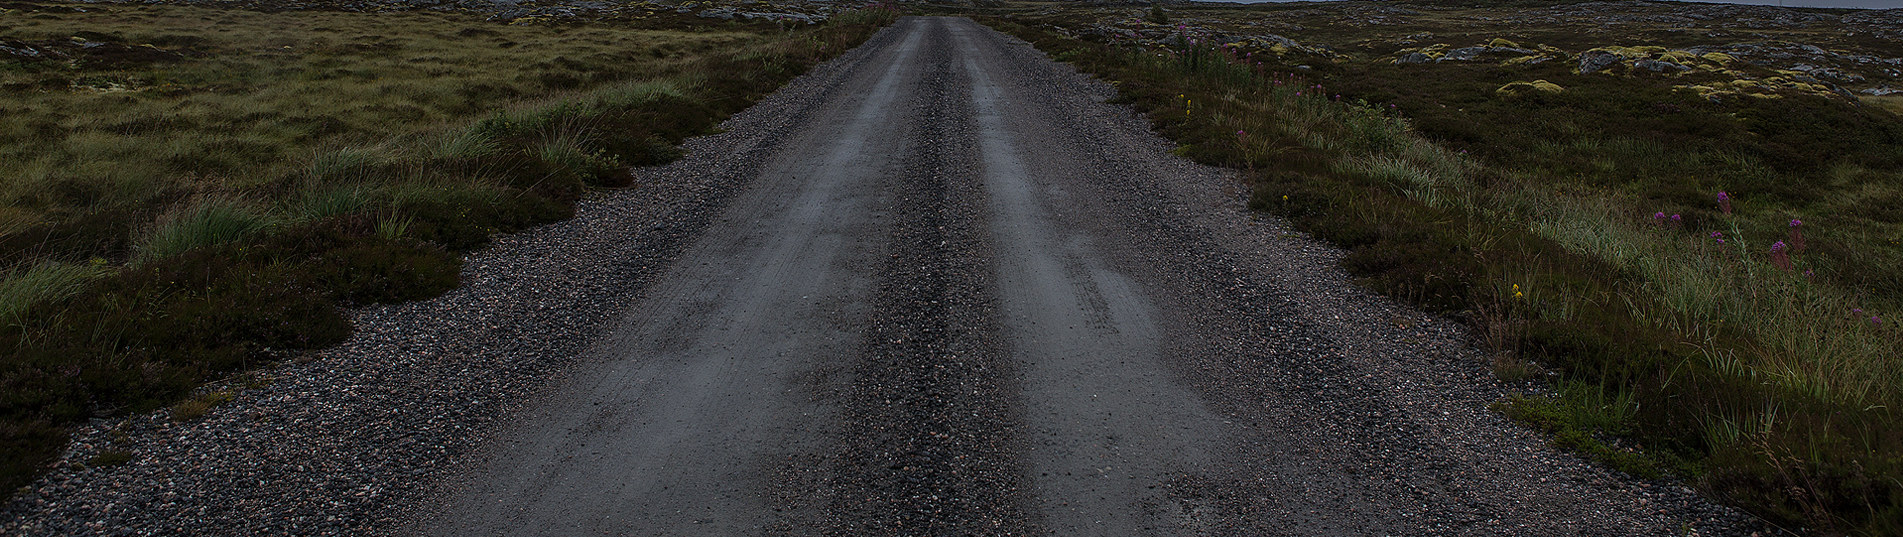 Nærbilde av en øde landevei i mørket. Foto.